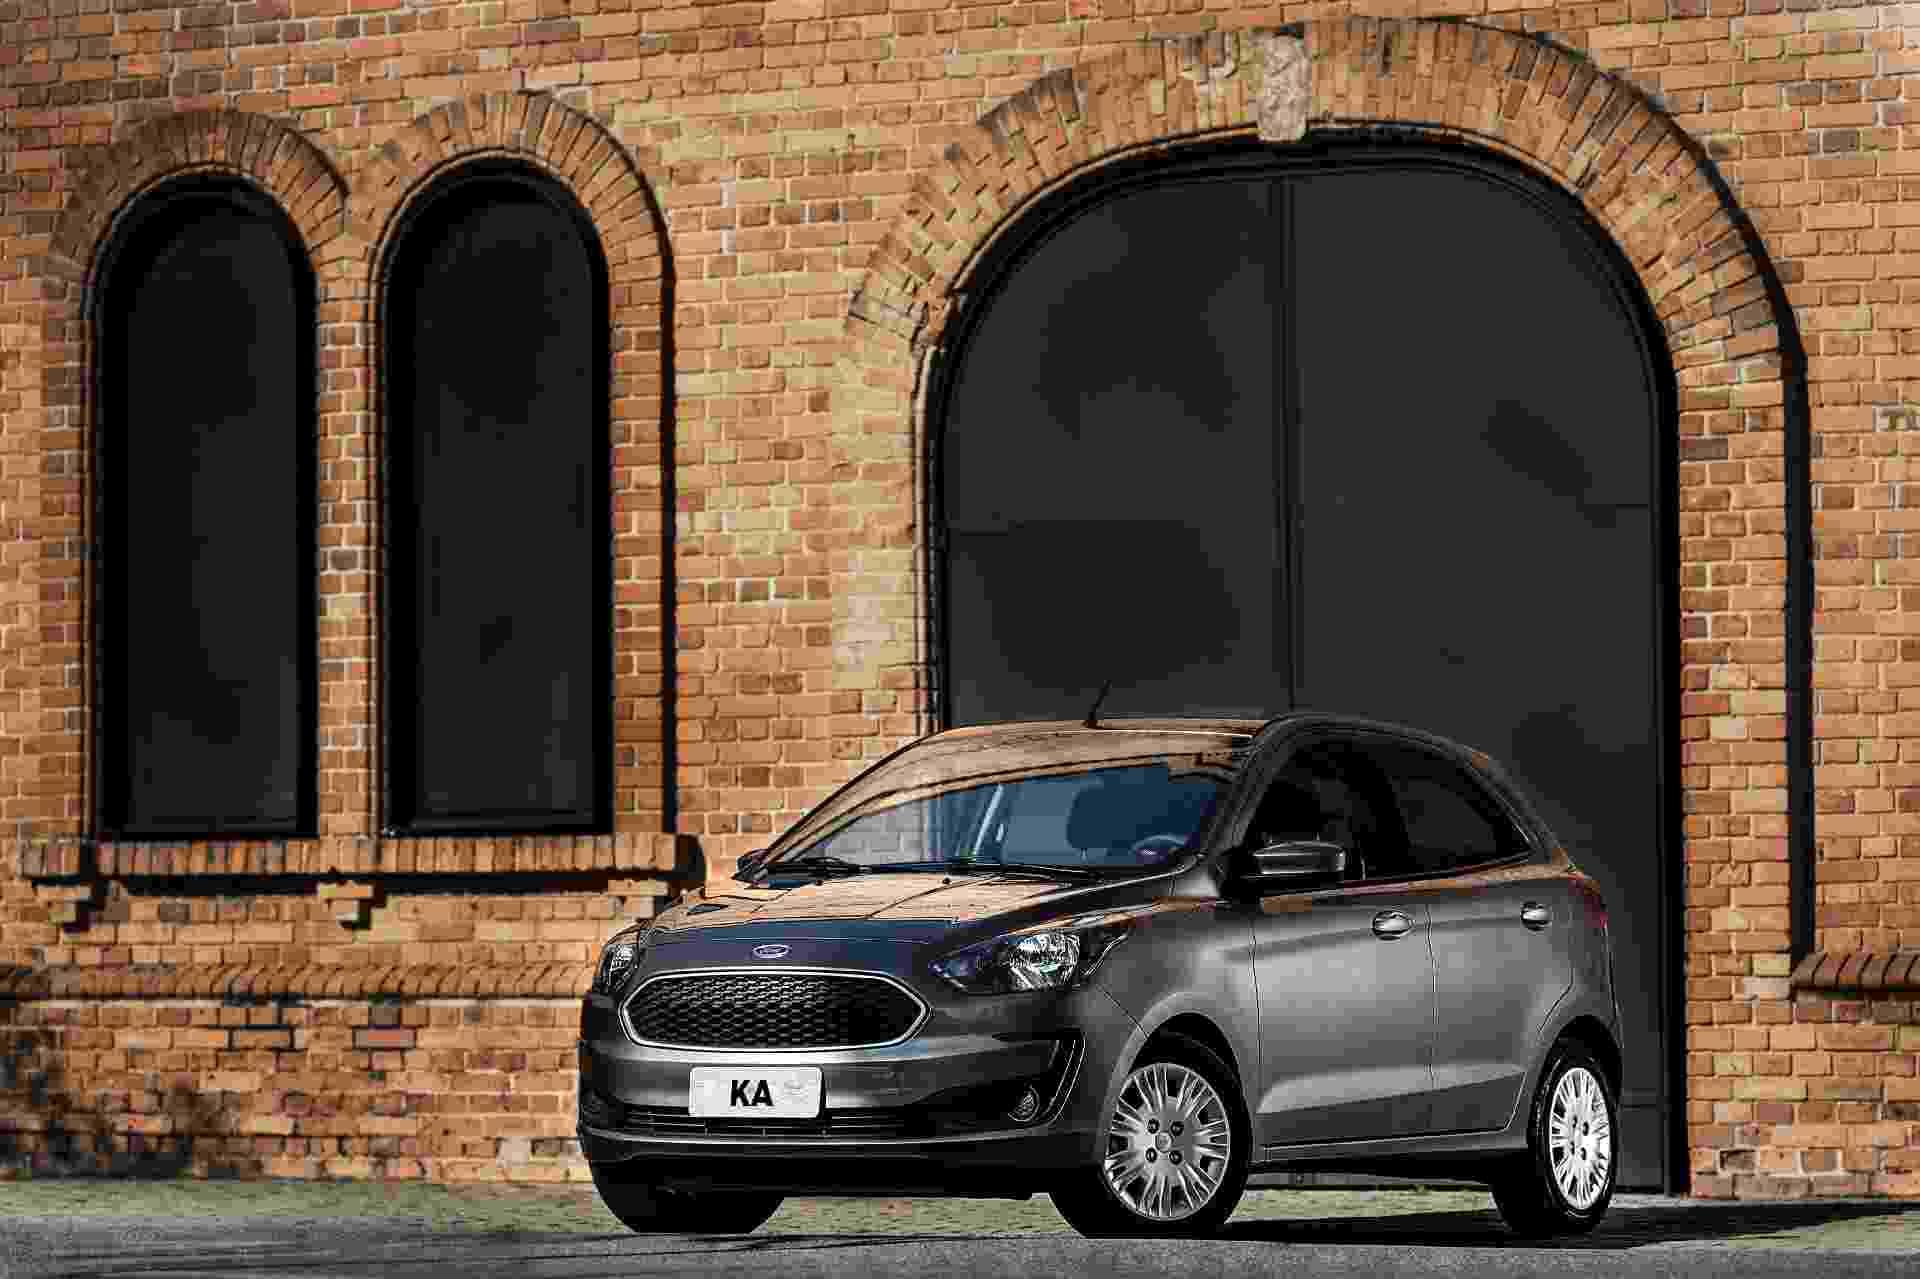 Ford Ka hatch - Divulgação